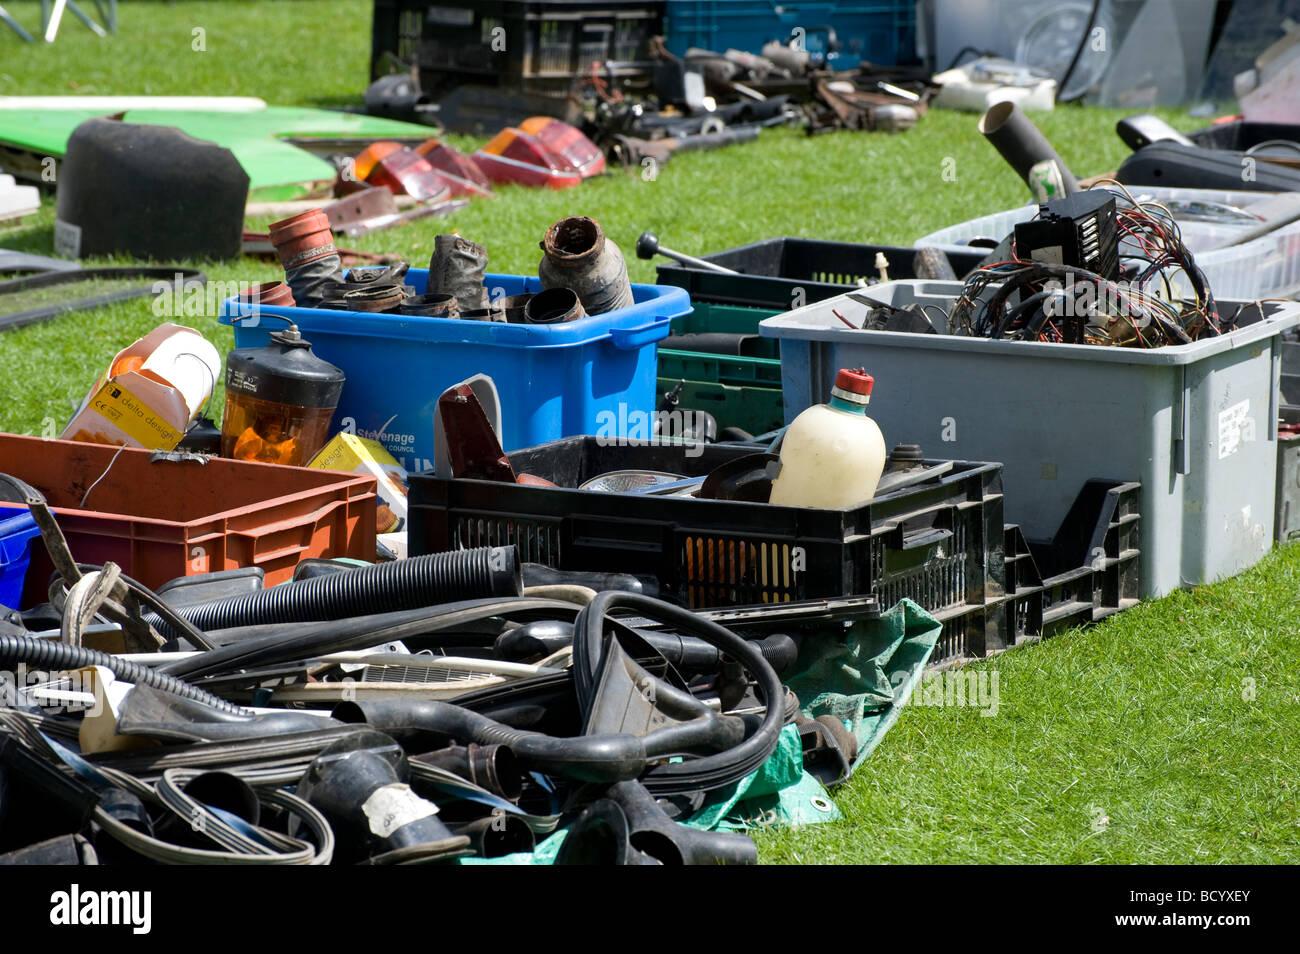 Parti di ricambio per automobili e pezzi di ricambio su un guazzabuglio auto stallo a un incontro di appassionati Immagini Stock